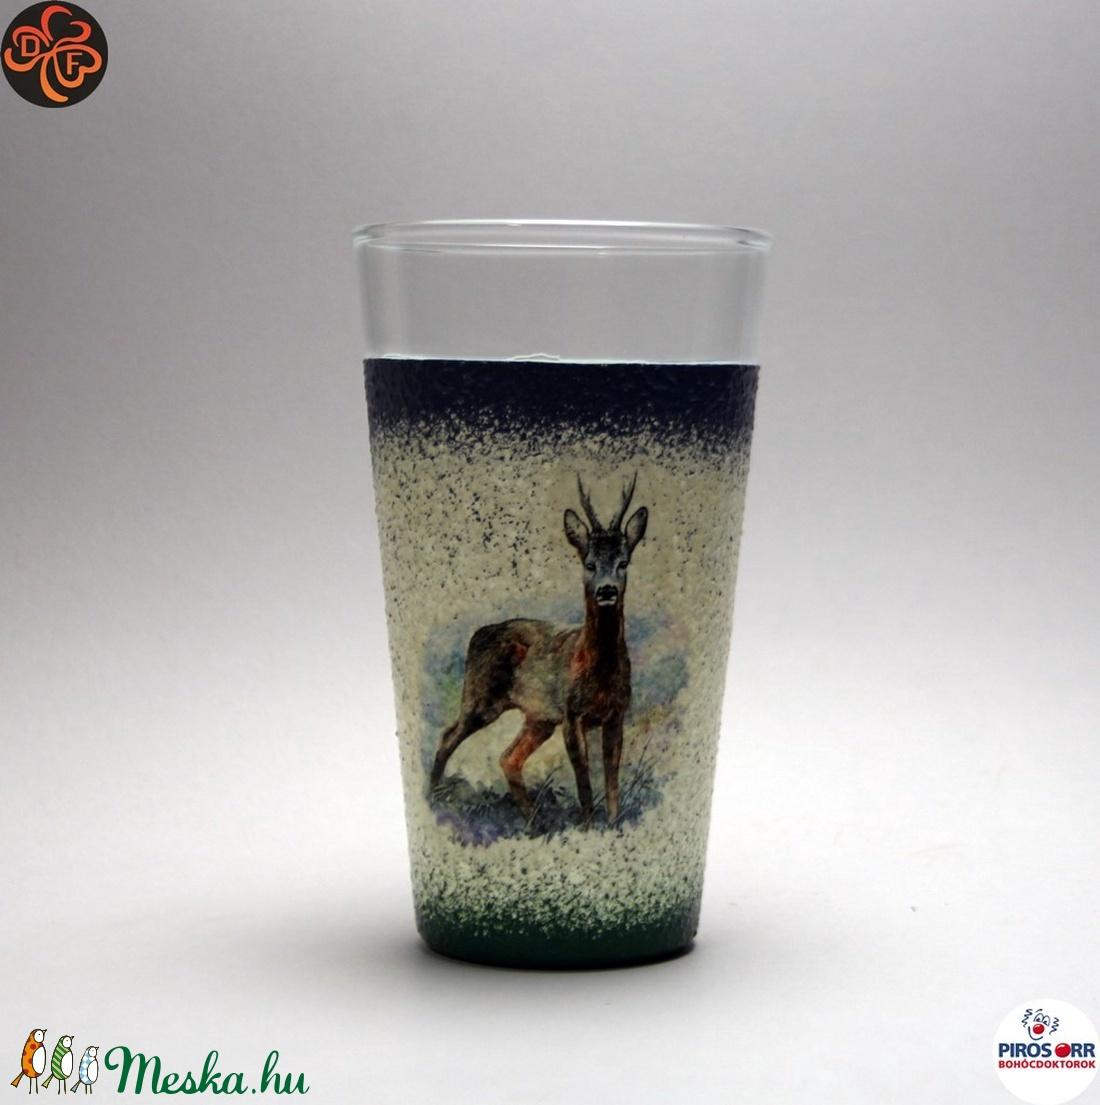 Vadász- őz motívummal díszített -vizes pohár . A vadászat szerelmeseinek . Saját trófeák fotóival is ! (decorfantasy) - Meska.hu